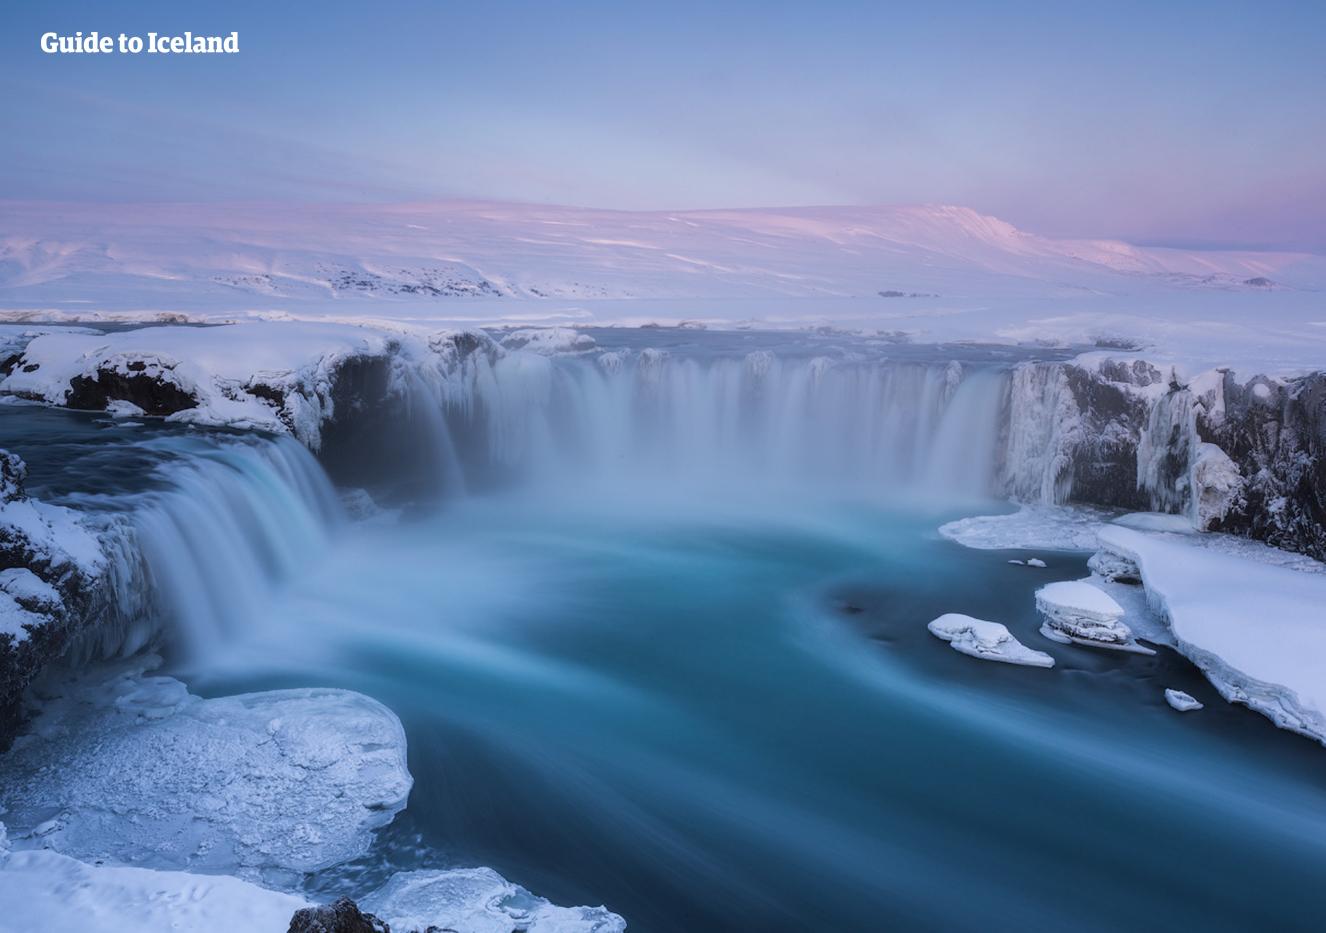 冰岛冬季柔和的粉色日照让被白雪覆盖的众神瀑布显得更唯美柔和